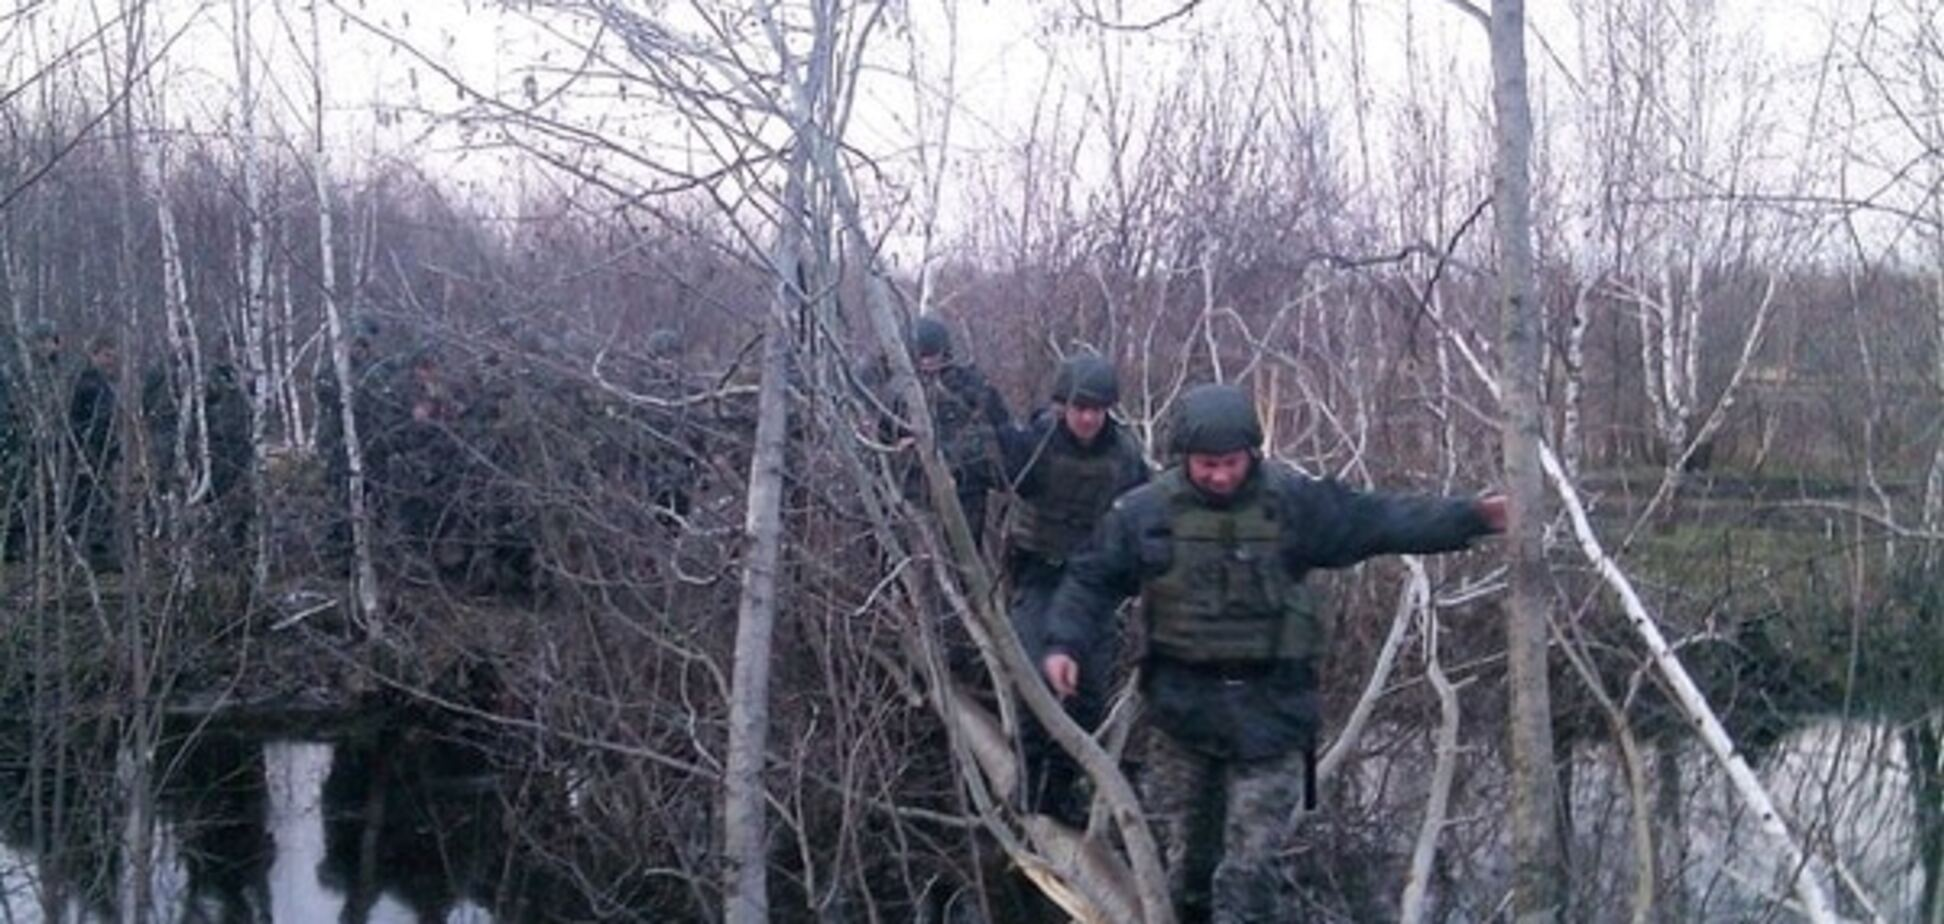 Нацгвардія відзвітувала про повну перемогу над 'бурштиновою мафією' на Житомирщині: фоторепортаж